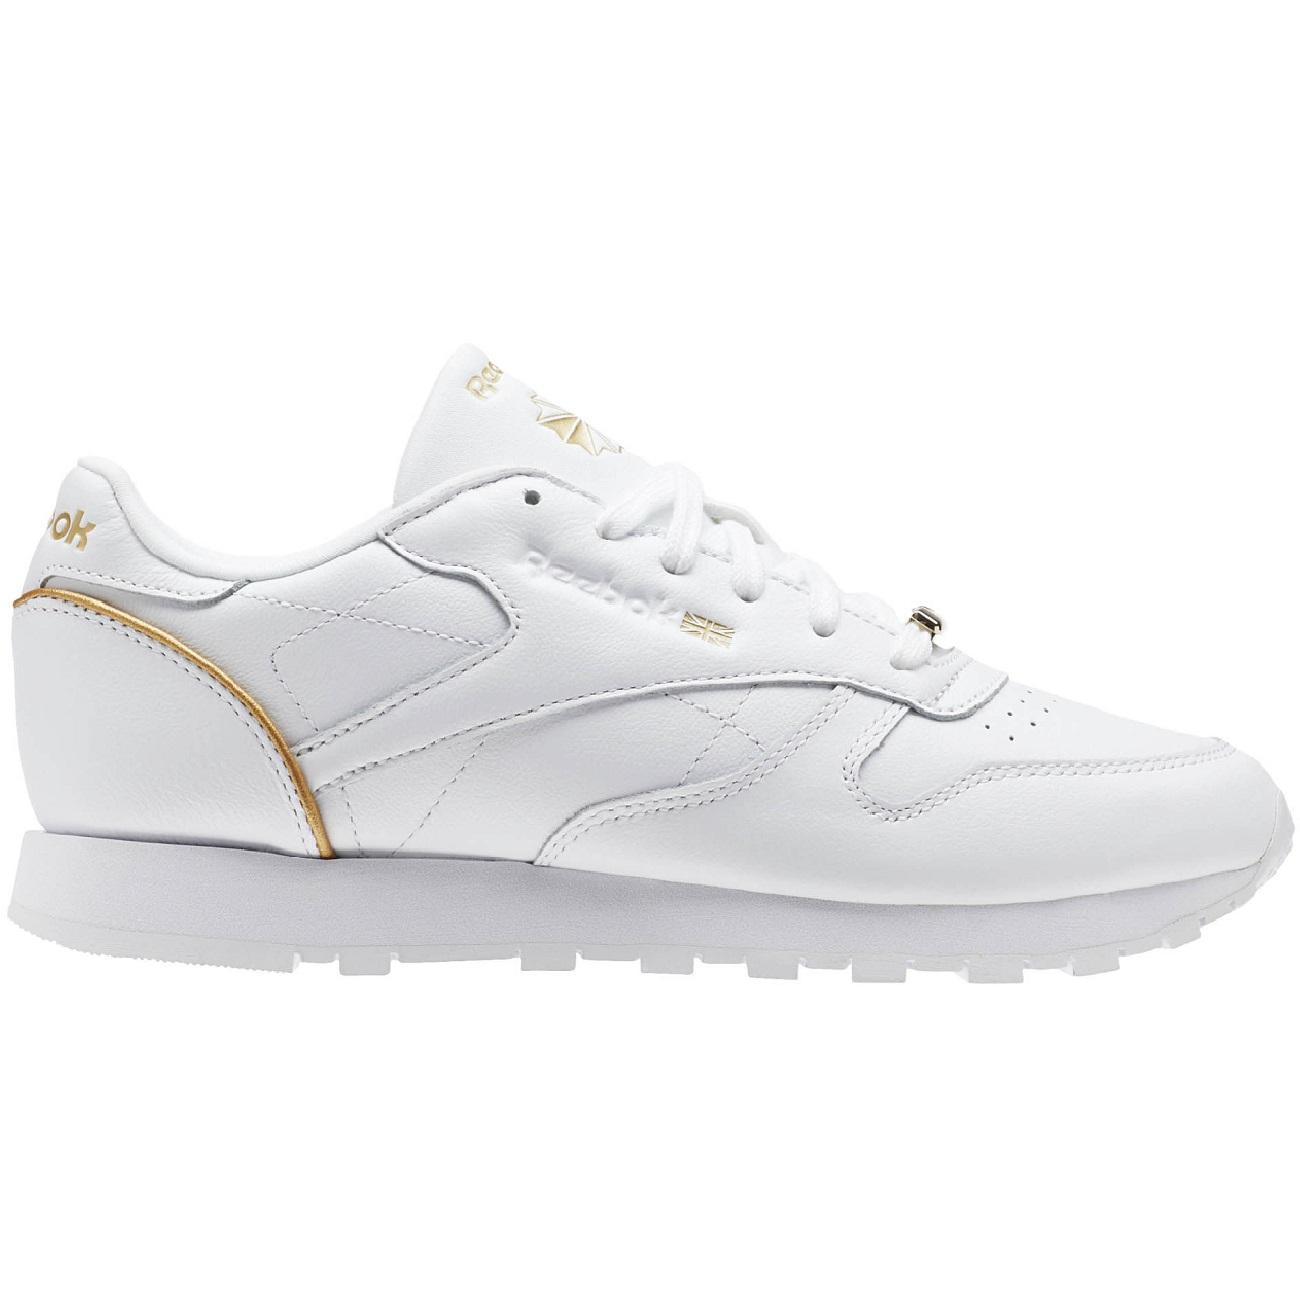 Sneaker Hw Aj53lq4r Classic Rose Weiß Damen Leather Gold Reebok fyYIgb76v